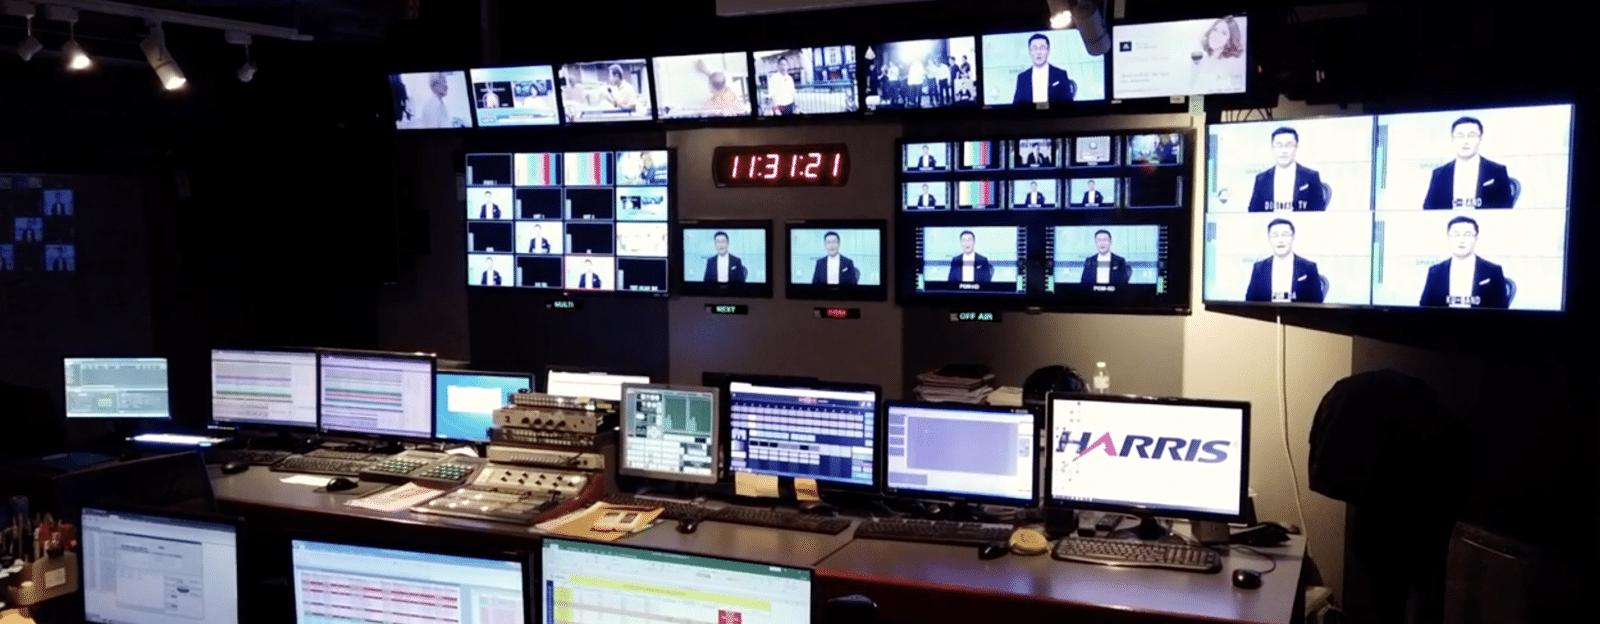 Voice TV ปิดฉากทีวีดิจิทัล ออกอากาศออนไลน์, OTT แทน ปล่อยคลิป จากใจของ 'คนวอยซ์ทีวี'